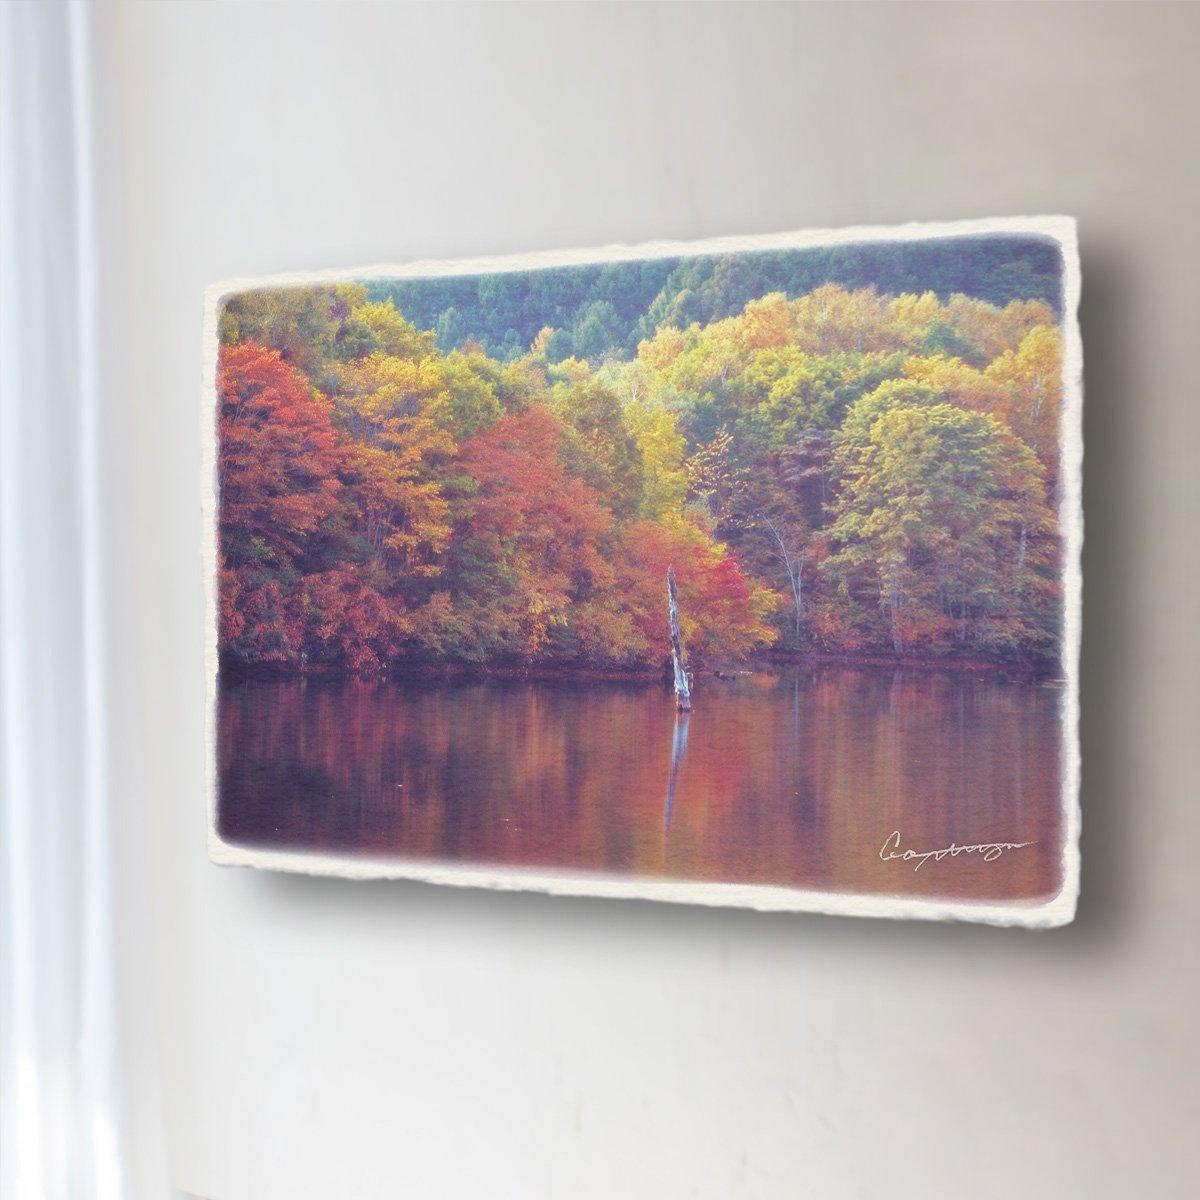 和紙 アートパネル 「立ち枯れの木と紅葉を映す戸隠鏡池の水面」 (36x24cm) 絵 絵画 壁掛け 壁飾り インテリア アート B073G9CY1M 13.アートパネル(長辺36cm) 8800円|立ち枯れの木と紅葉を映す戸隠鏡池の水面 立ち枯れの木と紅葉を映す戸隠鏡池の水面 13.アートパネル(長辺36cm) 8800円